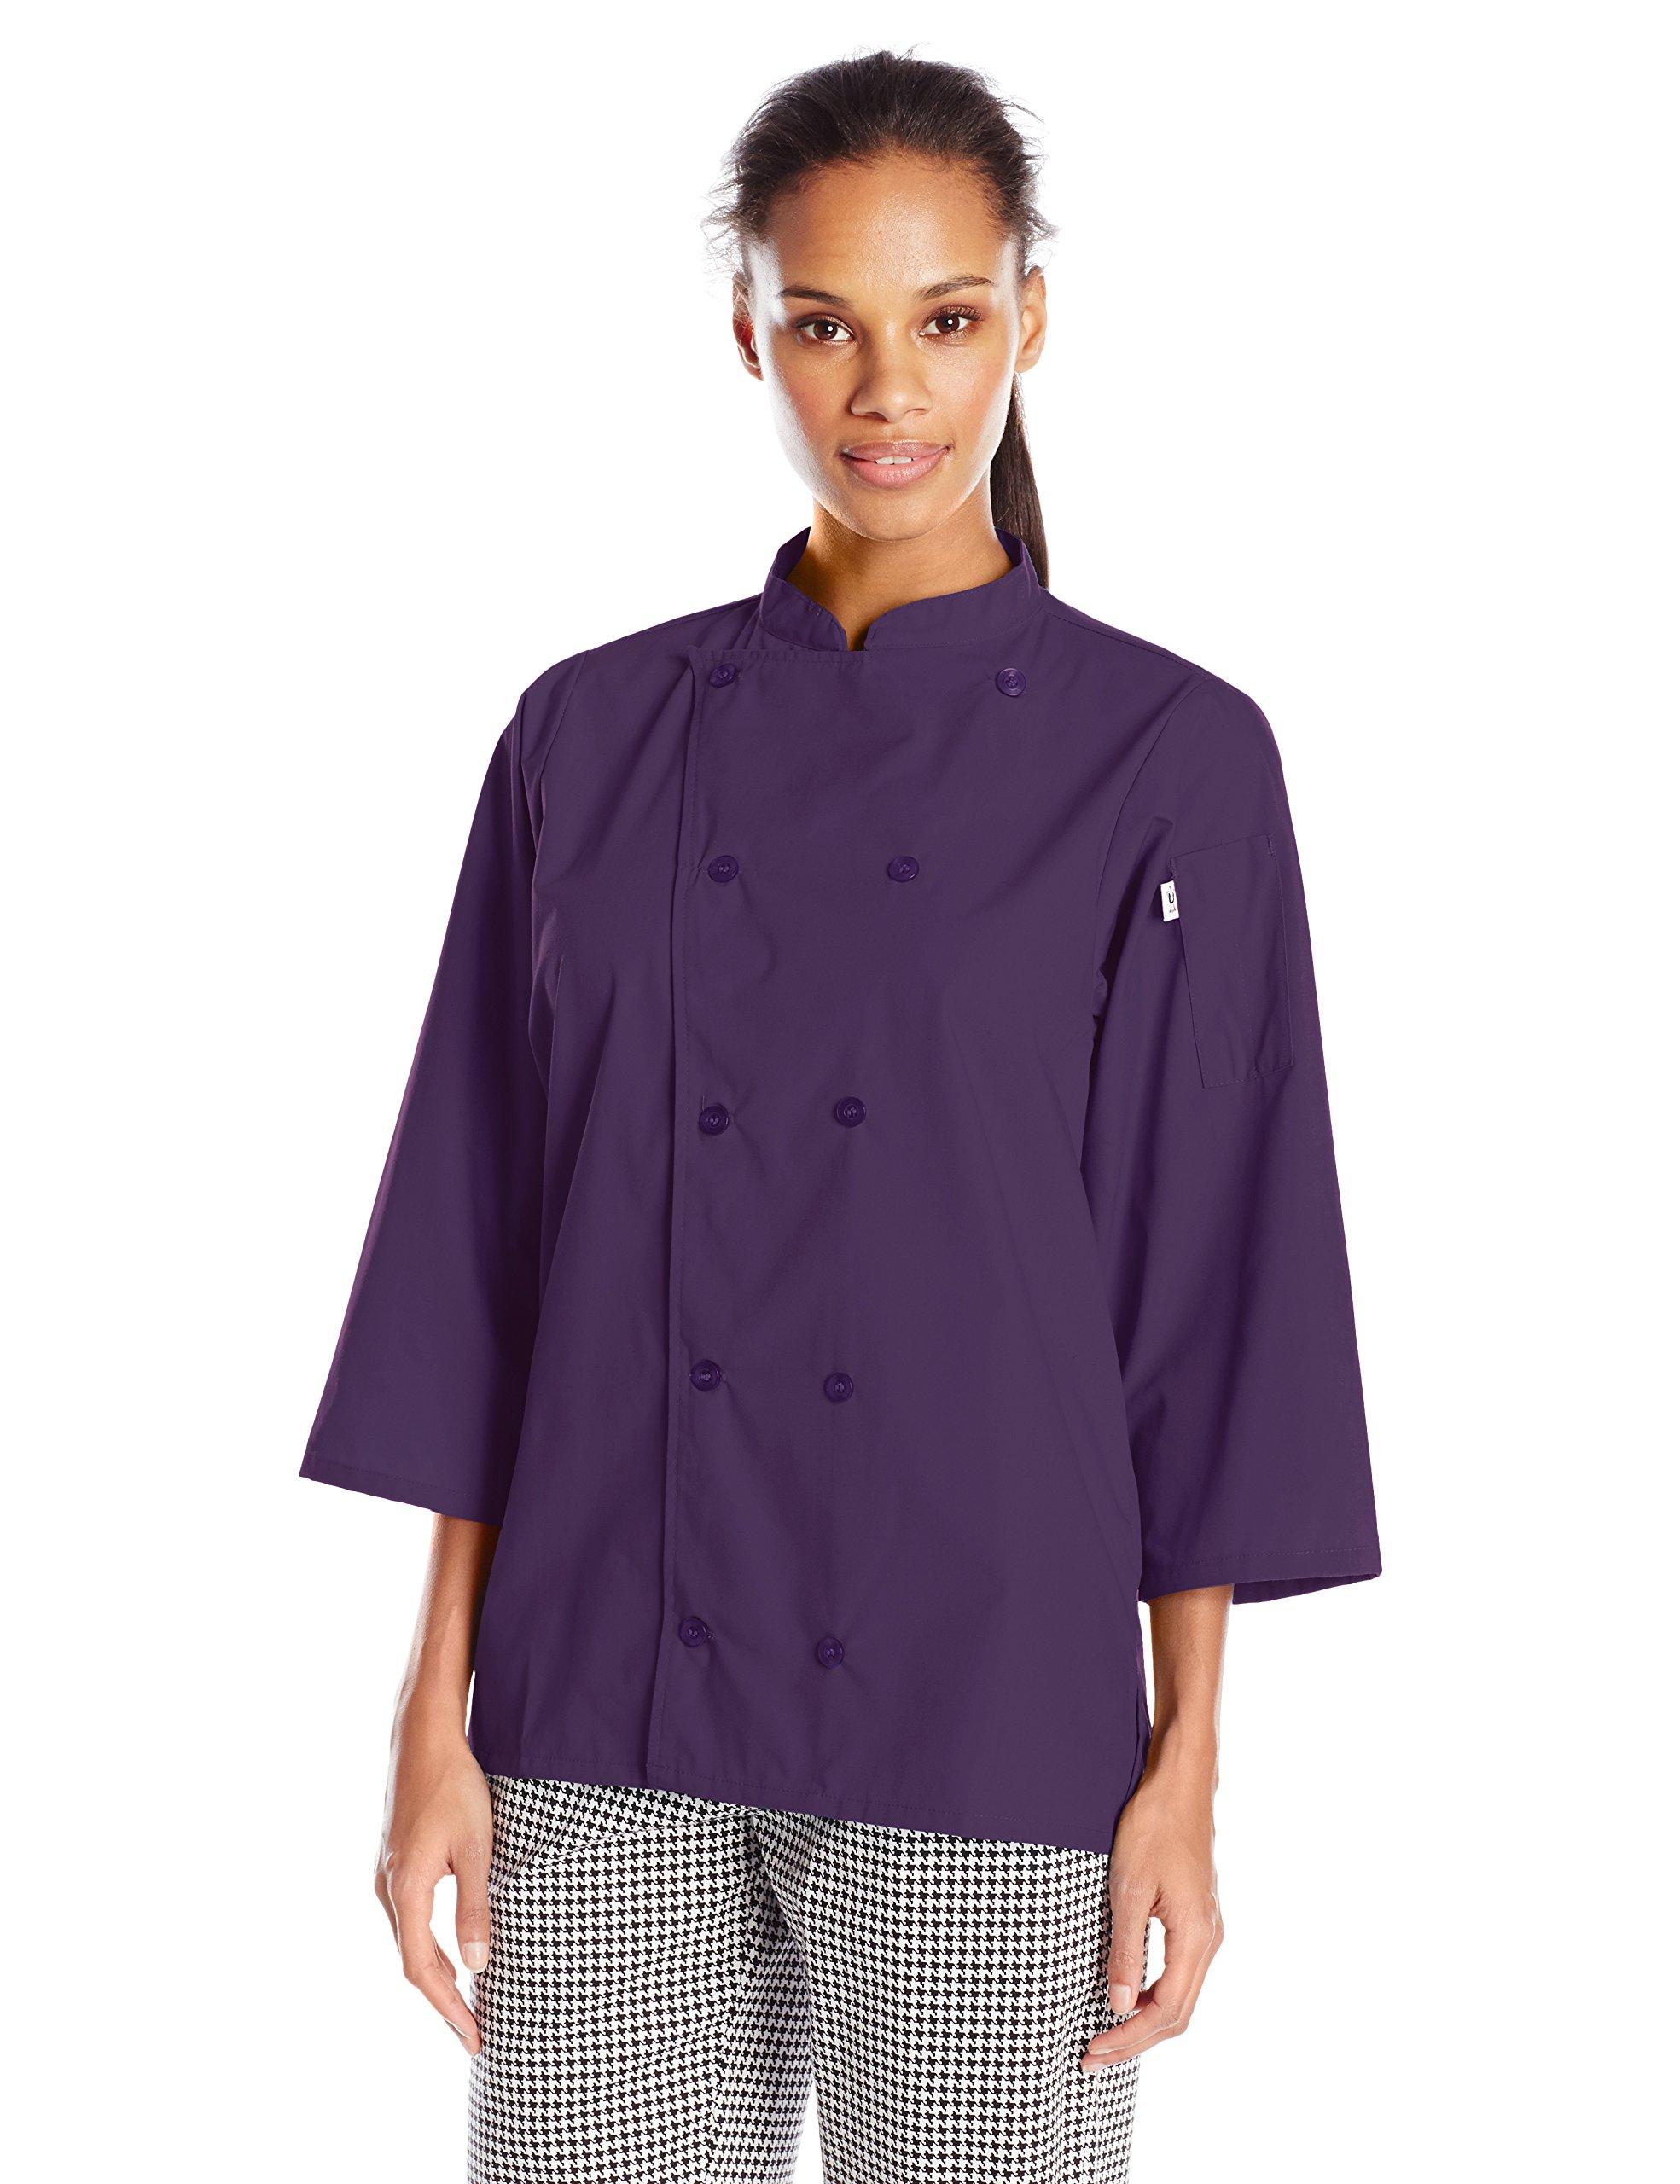 Uncommon Threads Unisex Epic 3/4 Sleeve Chef Shirt, Eggplant, Large